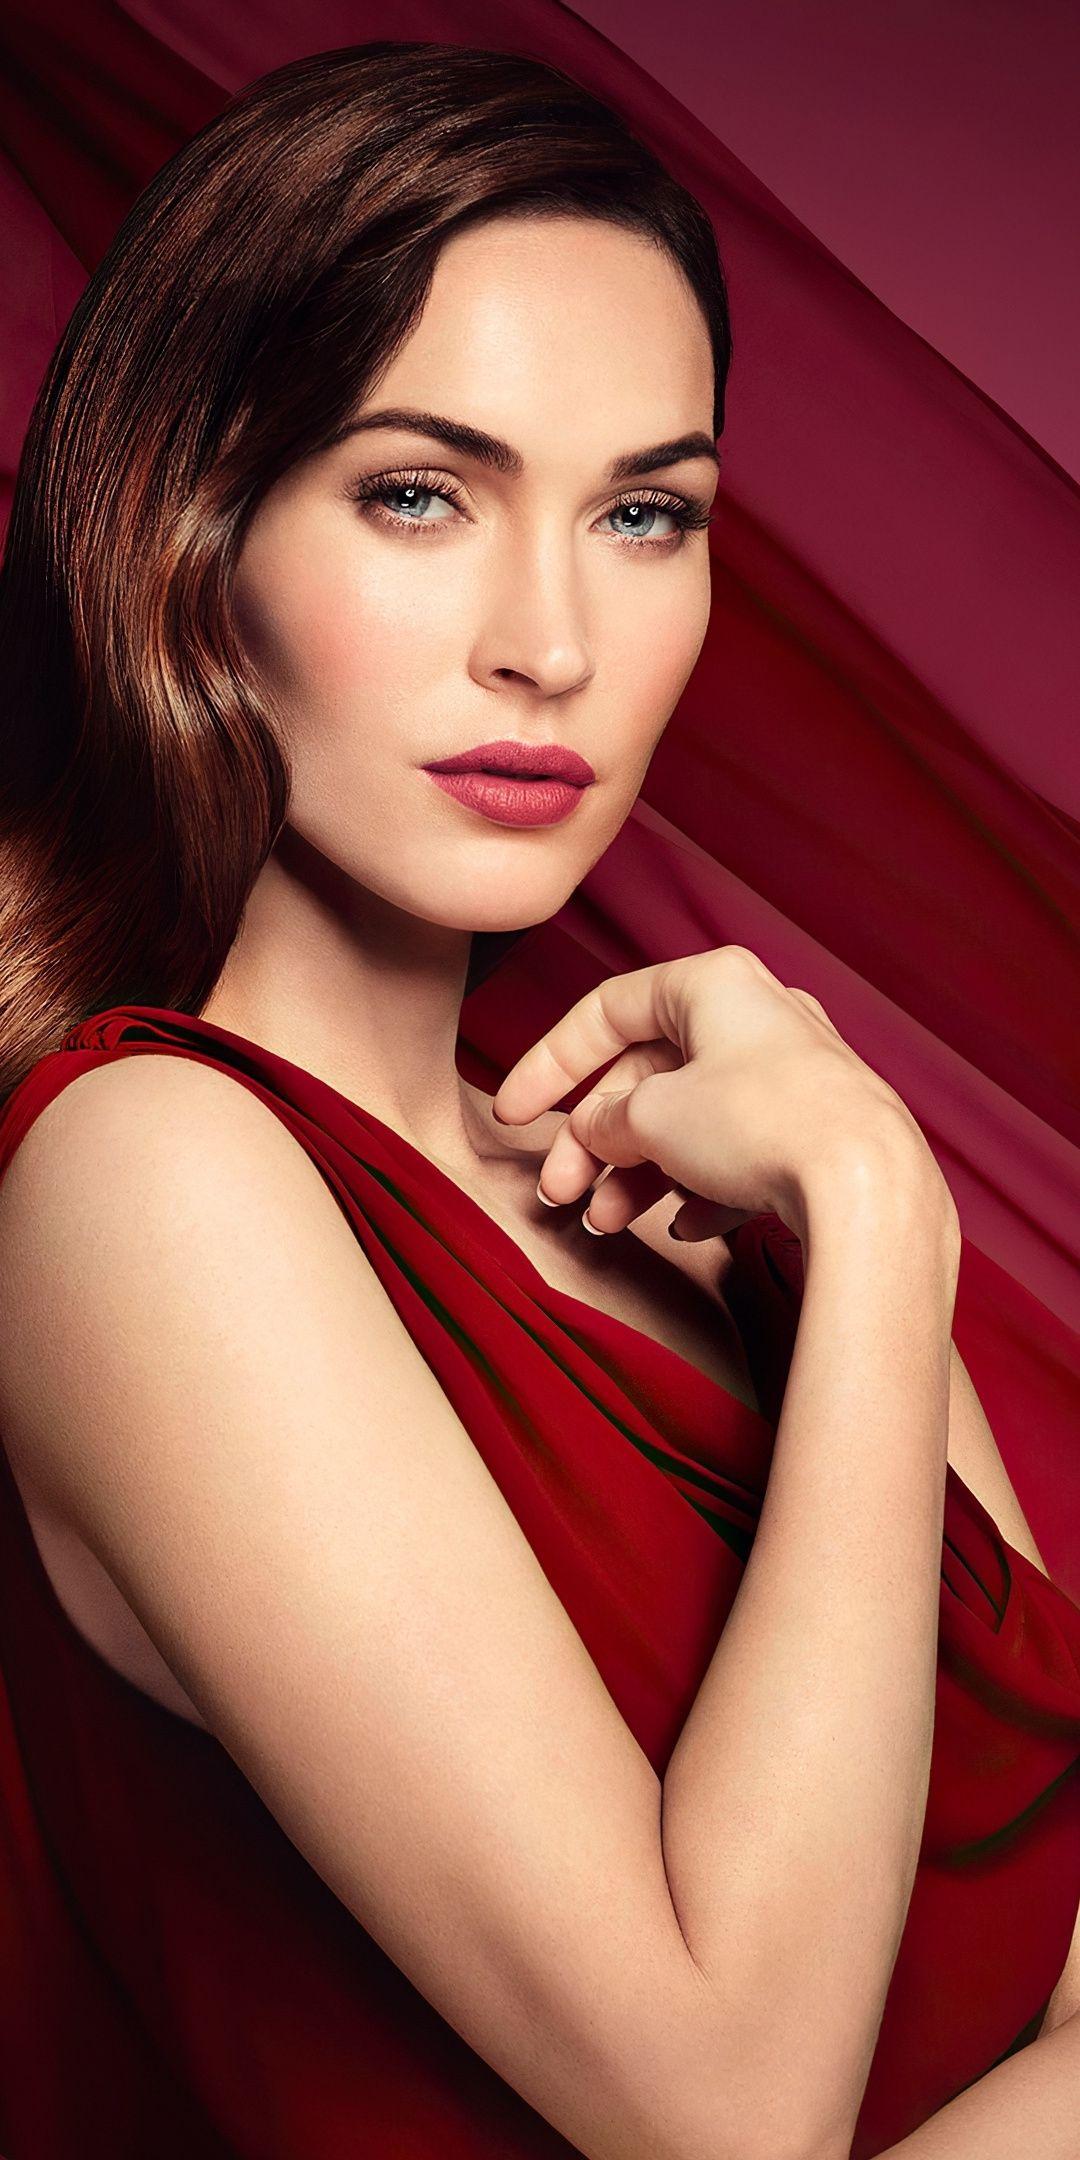 1080x2160 Megan Fox Red Dress 2020 Wallpaper In 2020 Megan Fox